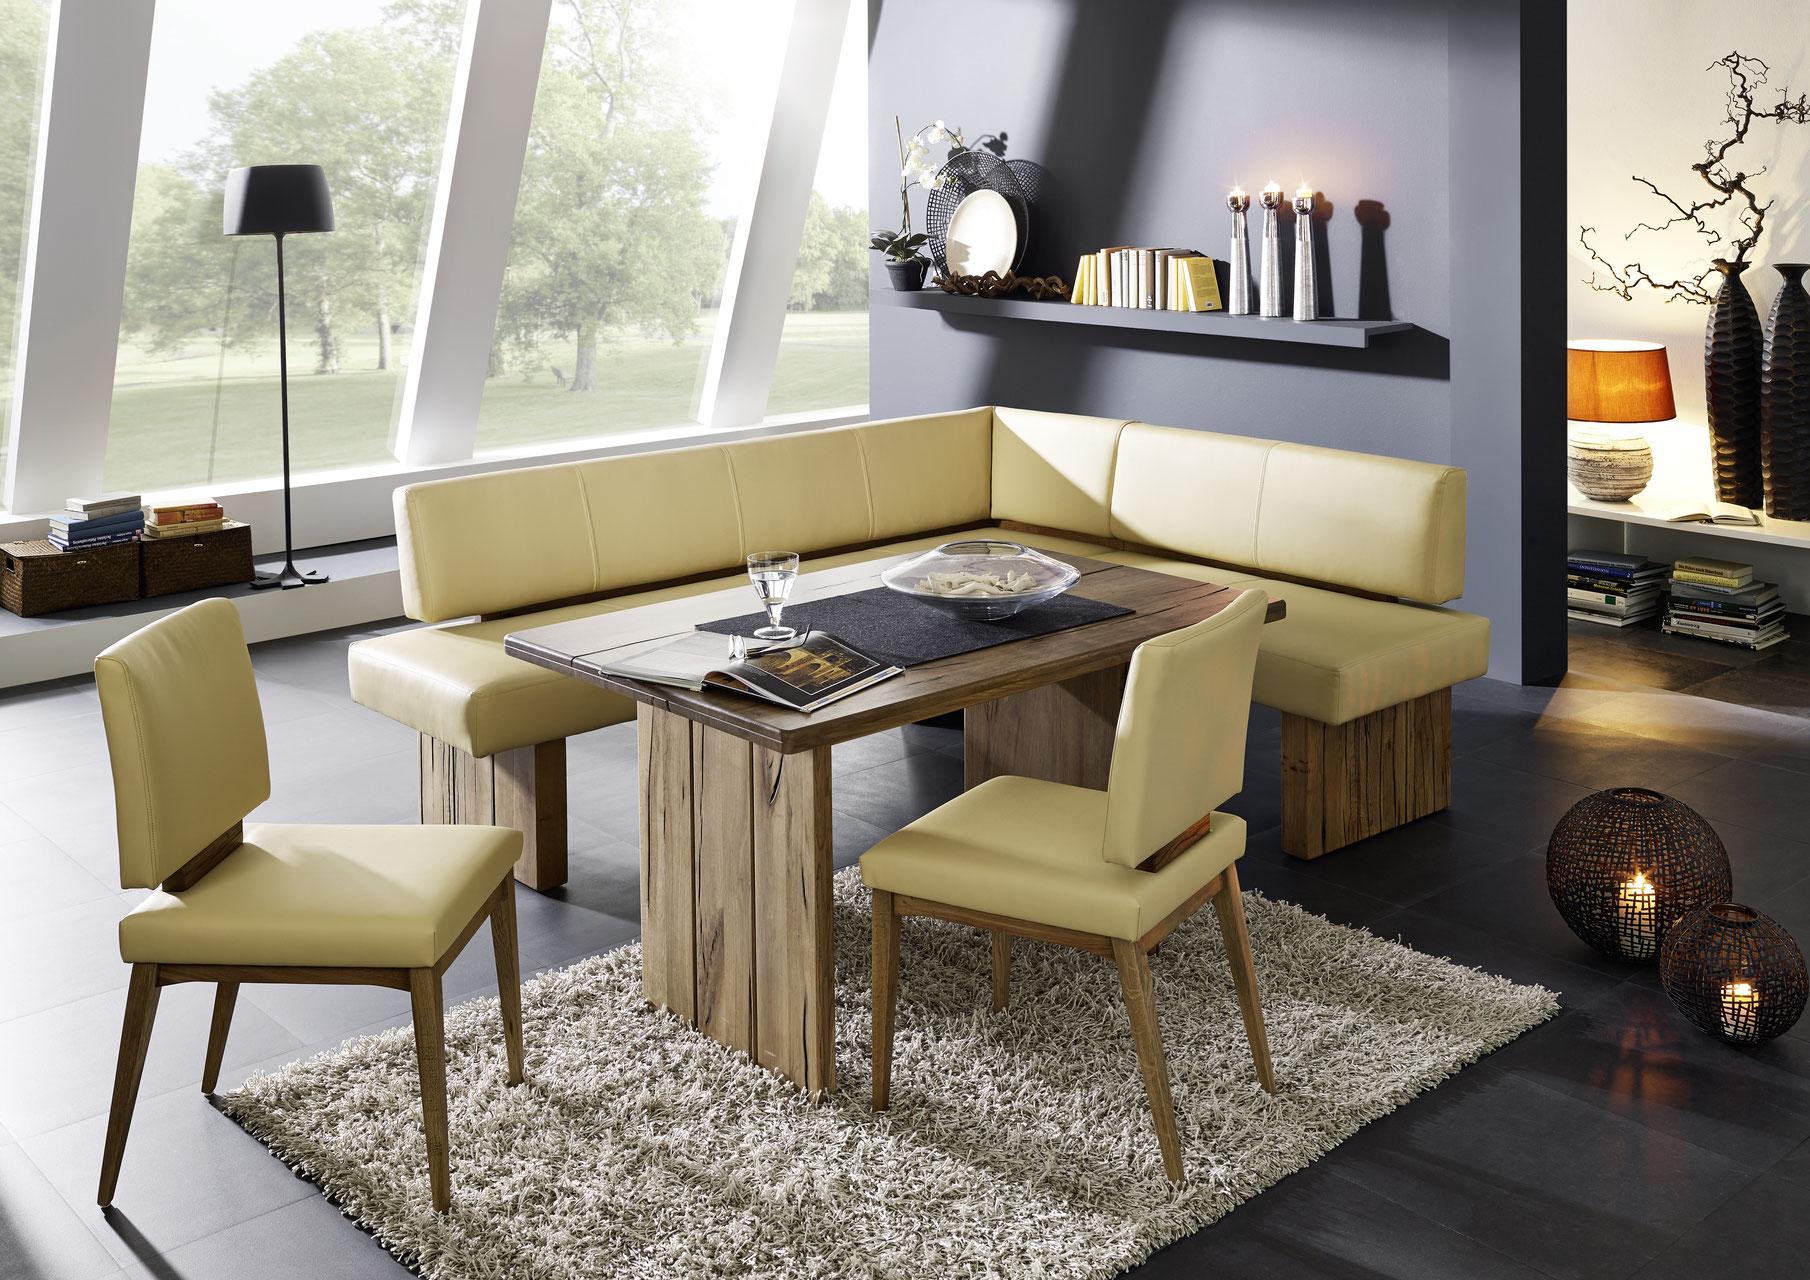 Eckbank Maßanfertigung edle eckbank echtleder naturnah möbel moderne massivholzmöbel